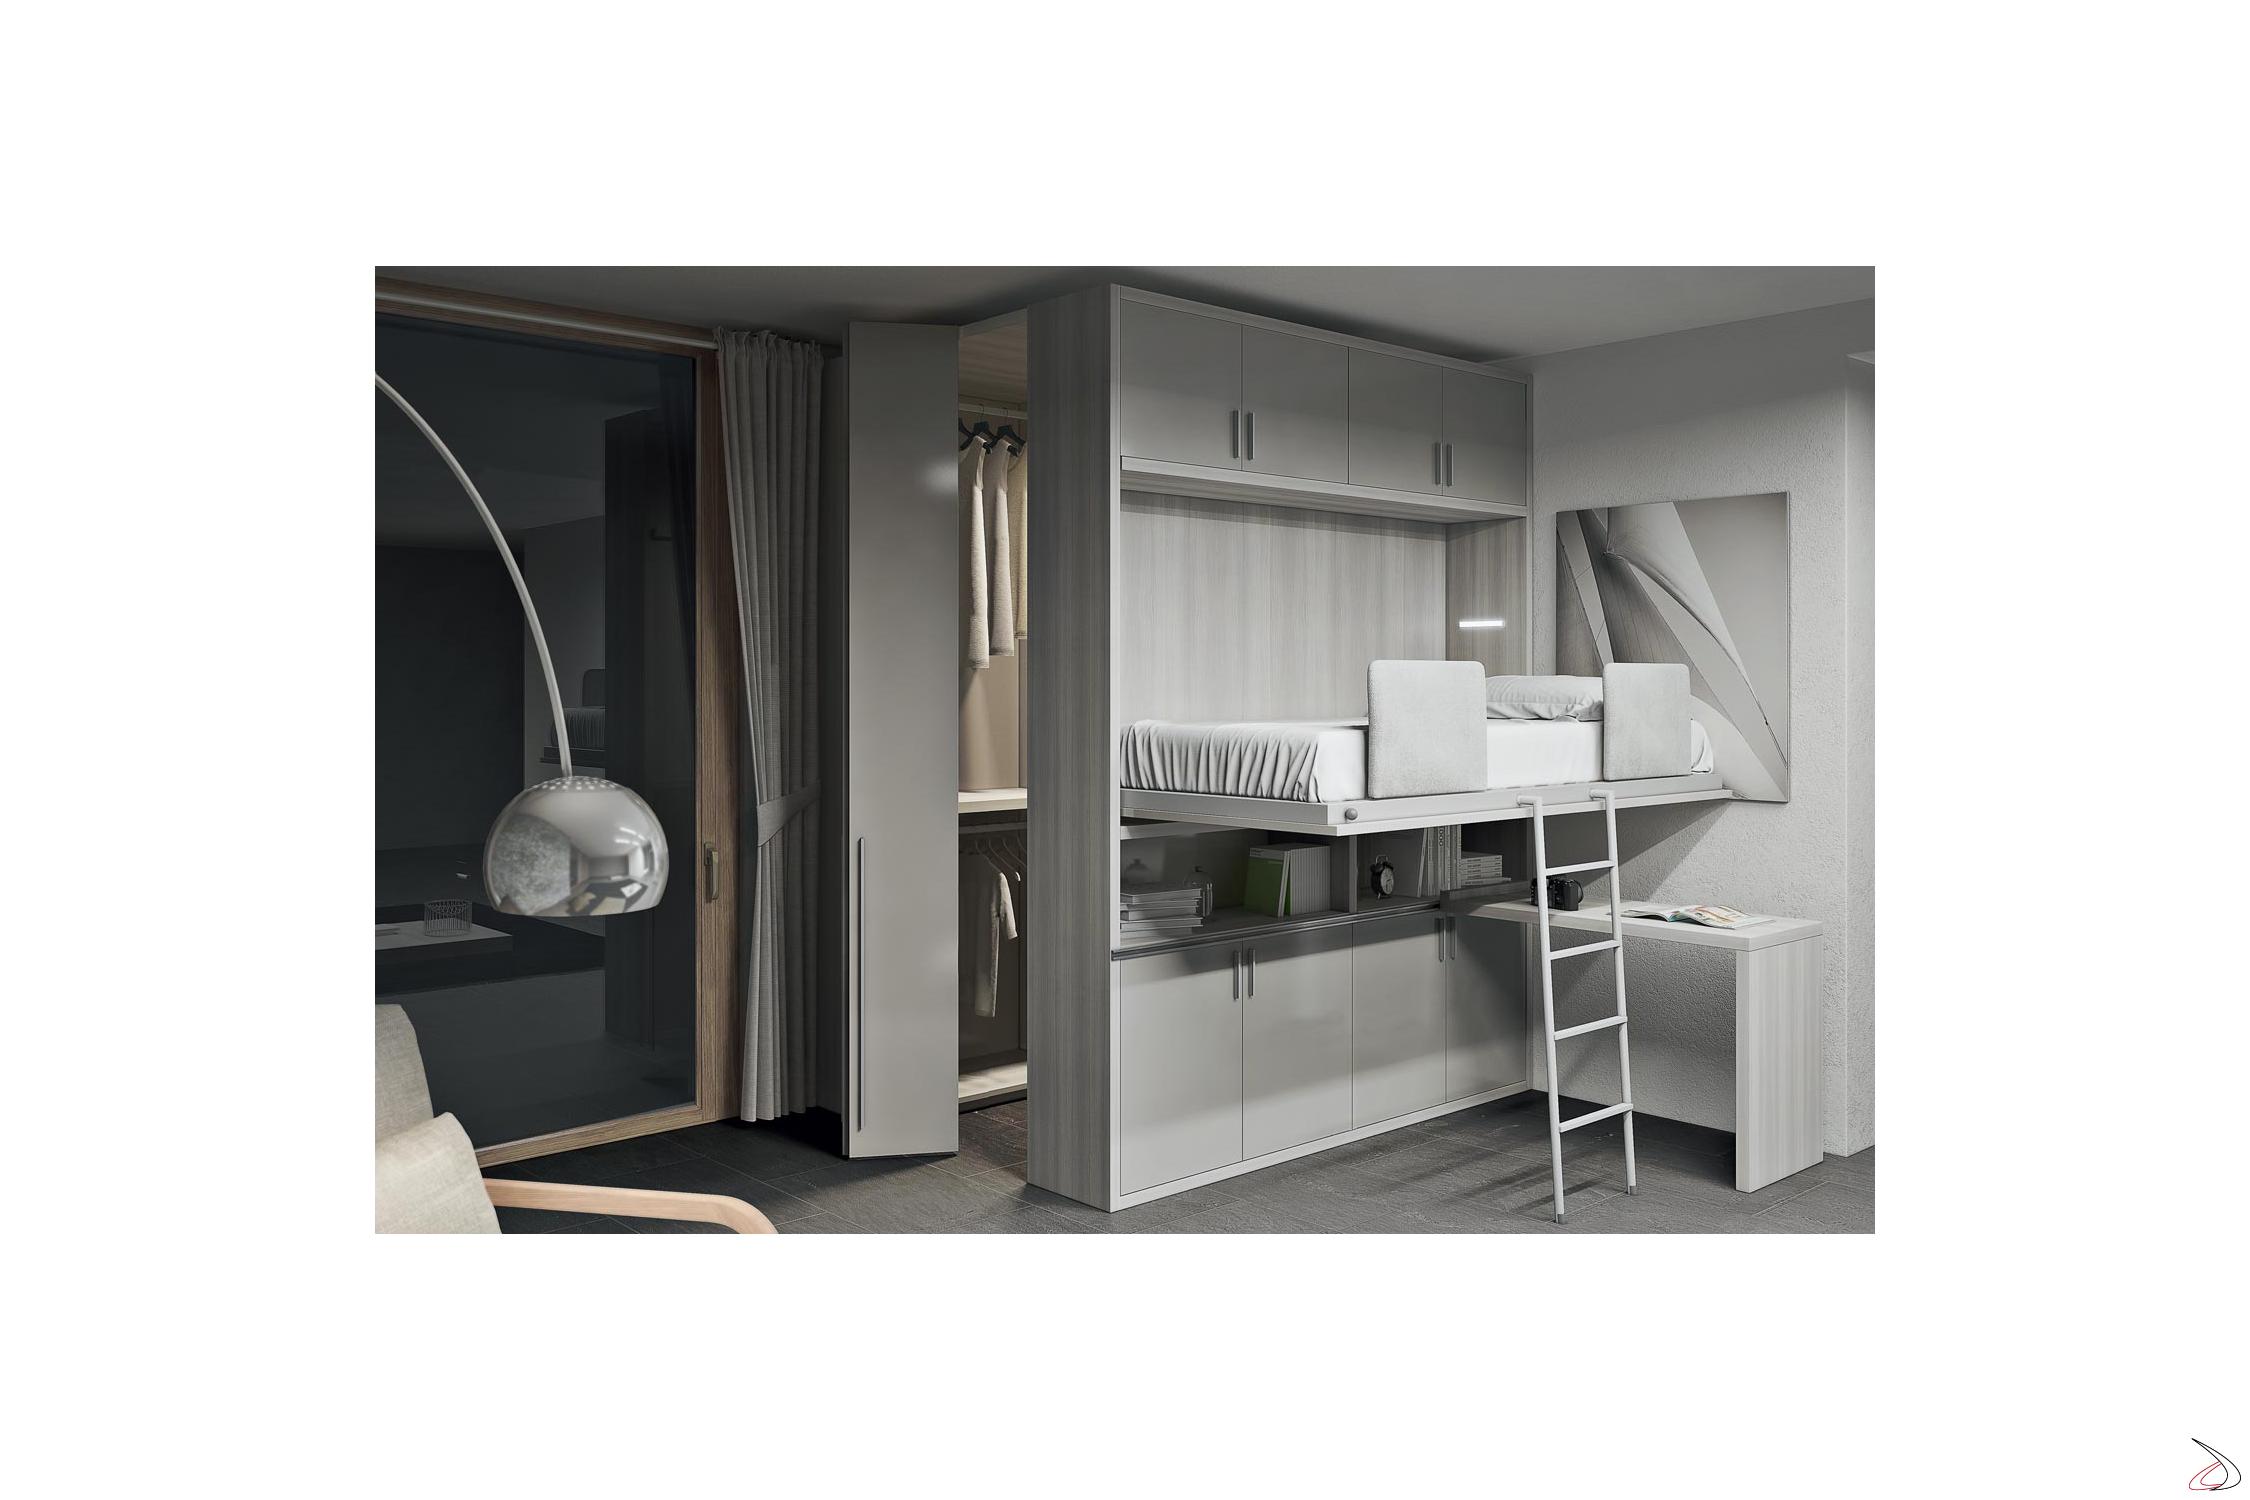 Letto Soppalco Con Cabina Armadio.Single Bed With Loreb Wardrobe Toparredi Arredo Design Online